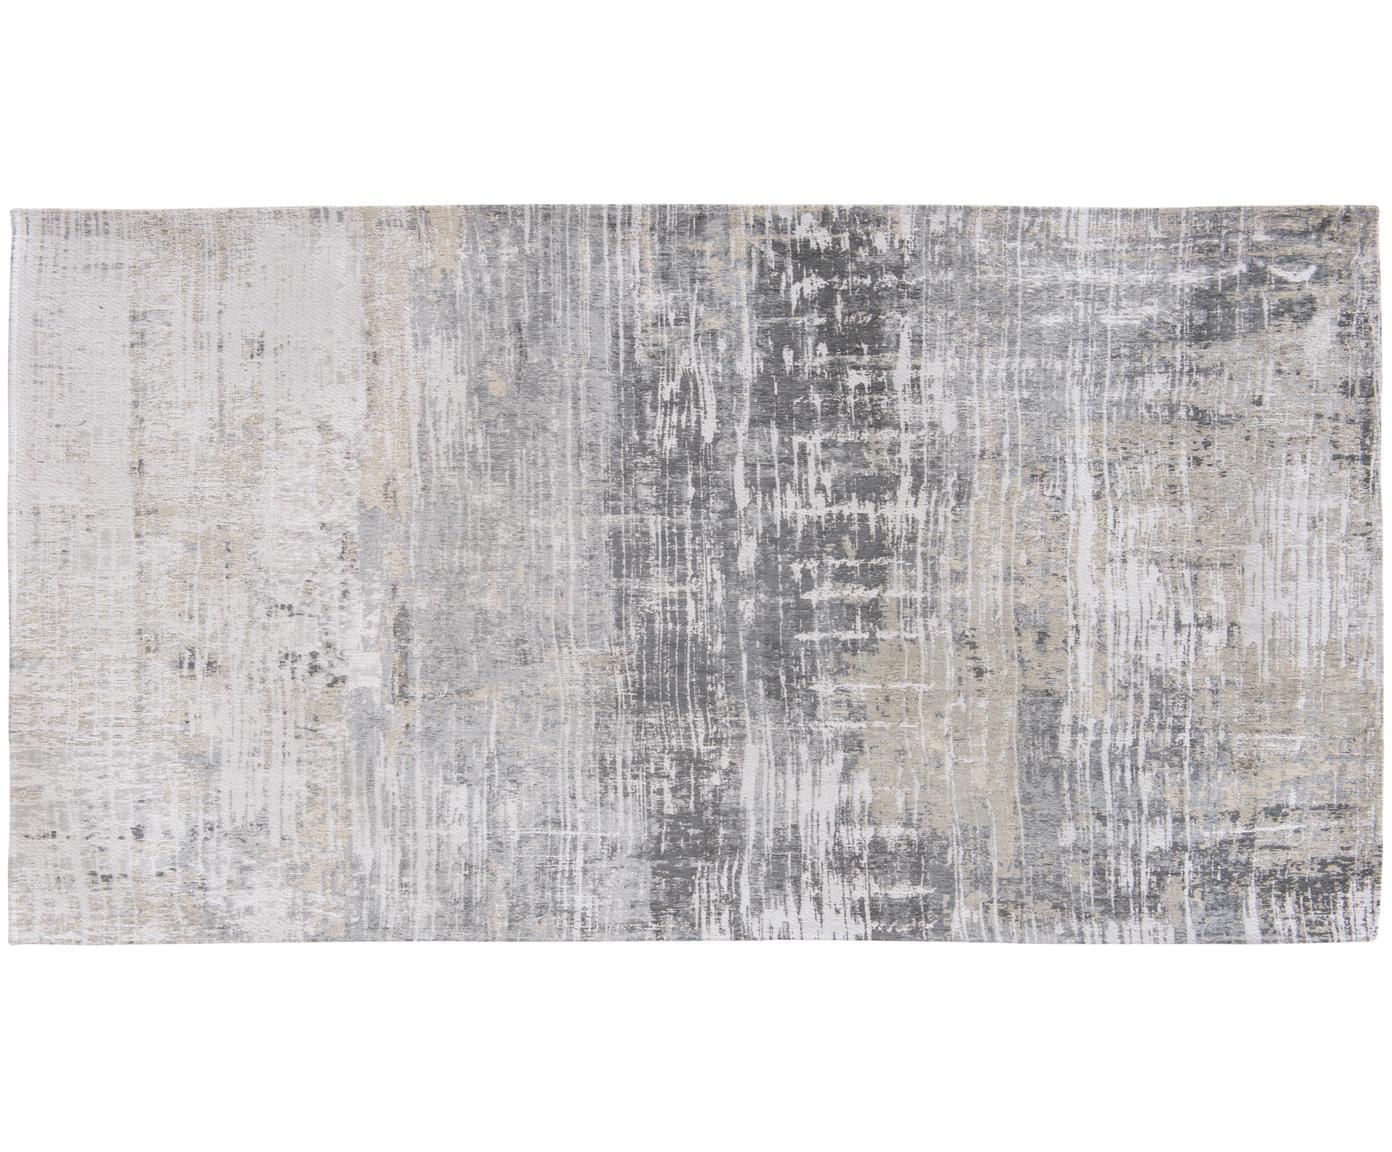 Tappeto di design grigio Streaks, Tessuto: Jacquard, Retro: Miscela di cotone, rivest, Tonalità grigie, Larg. 80 x Lung. 150 cm (taglia XS)